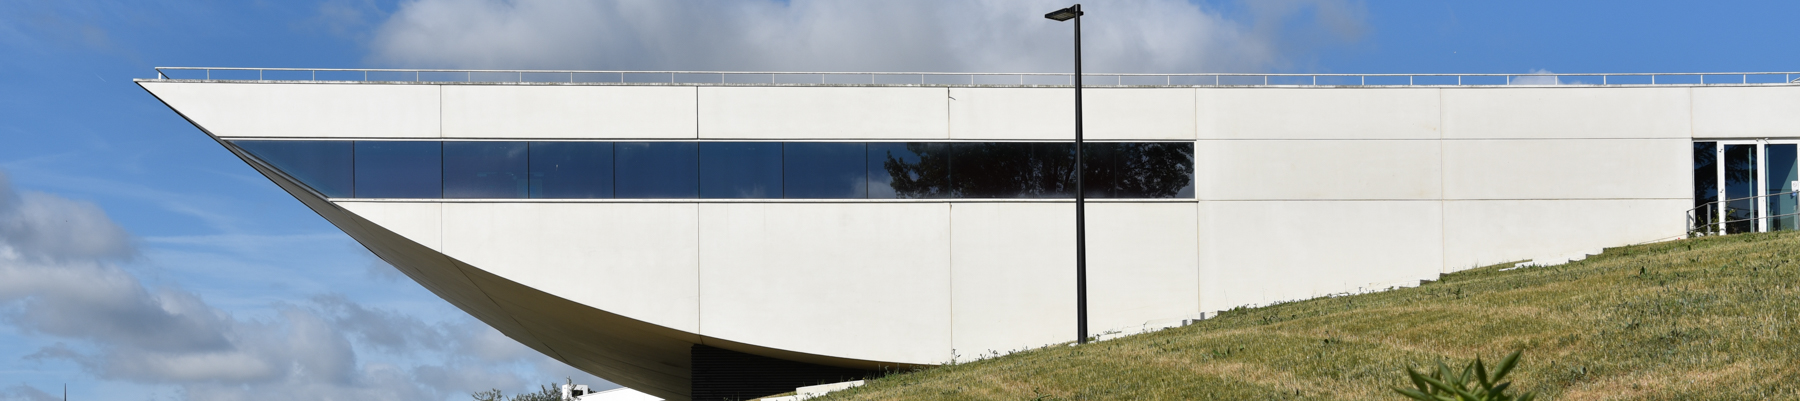 Calendrier Universitaire Angers 2021 2022 Passerelles   Université Angers